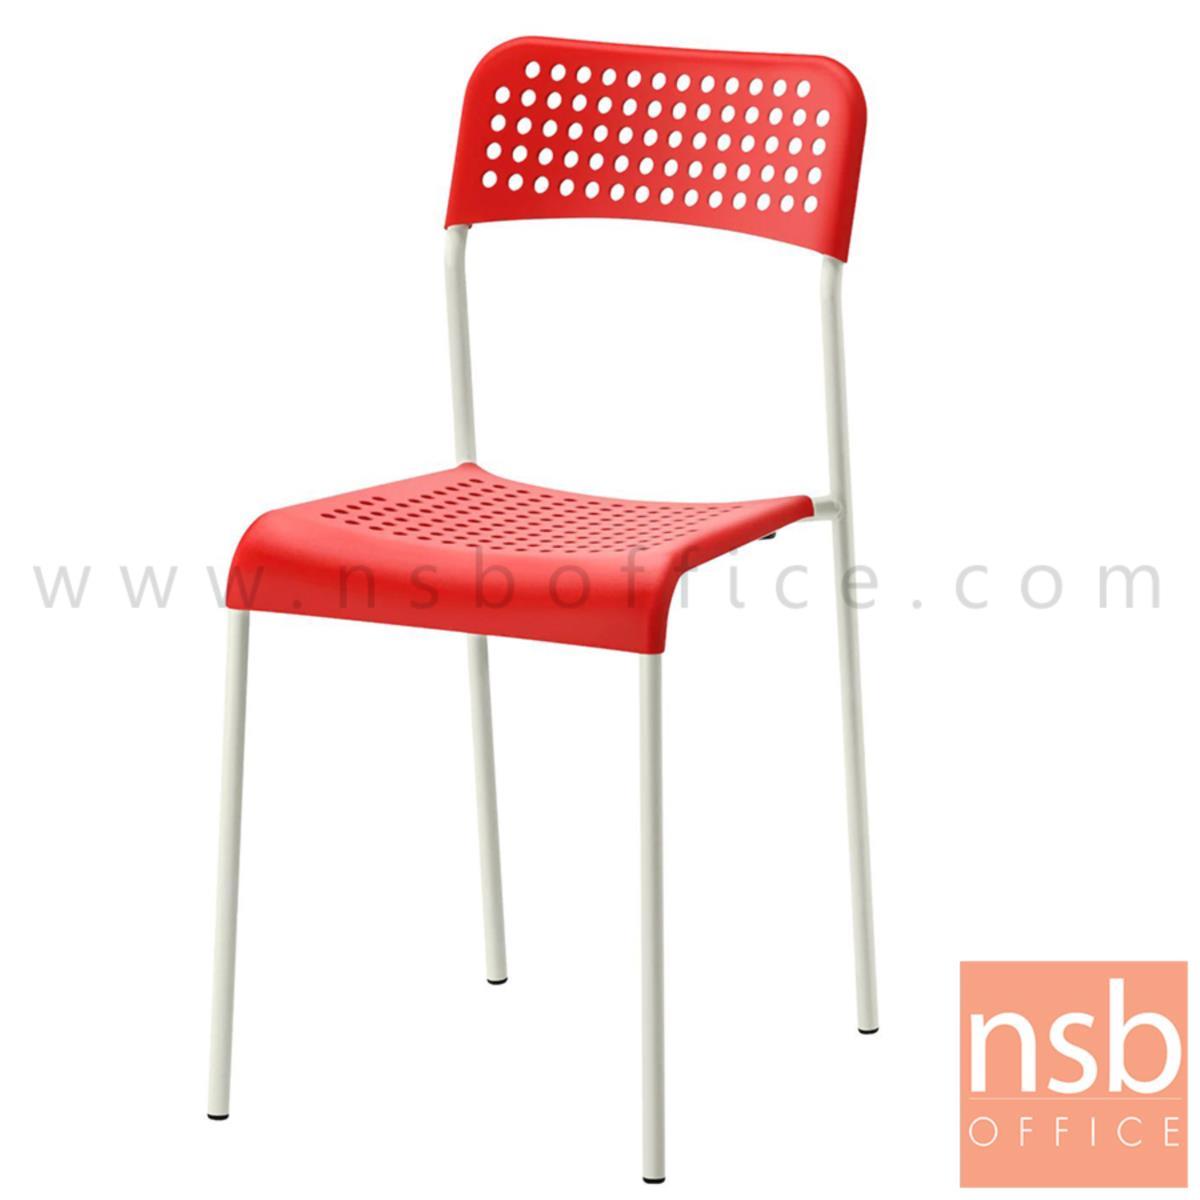 B10A092:เก้าอี้โมเดิร์น รุ่น James (เจมส์)  ขาเหล็ก